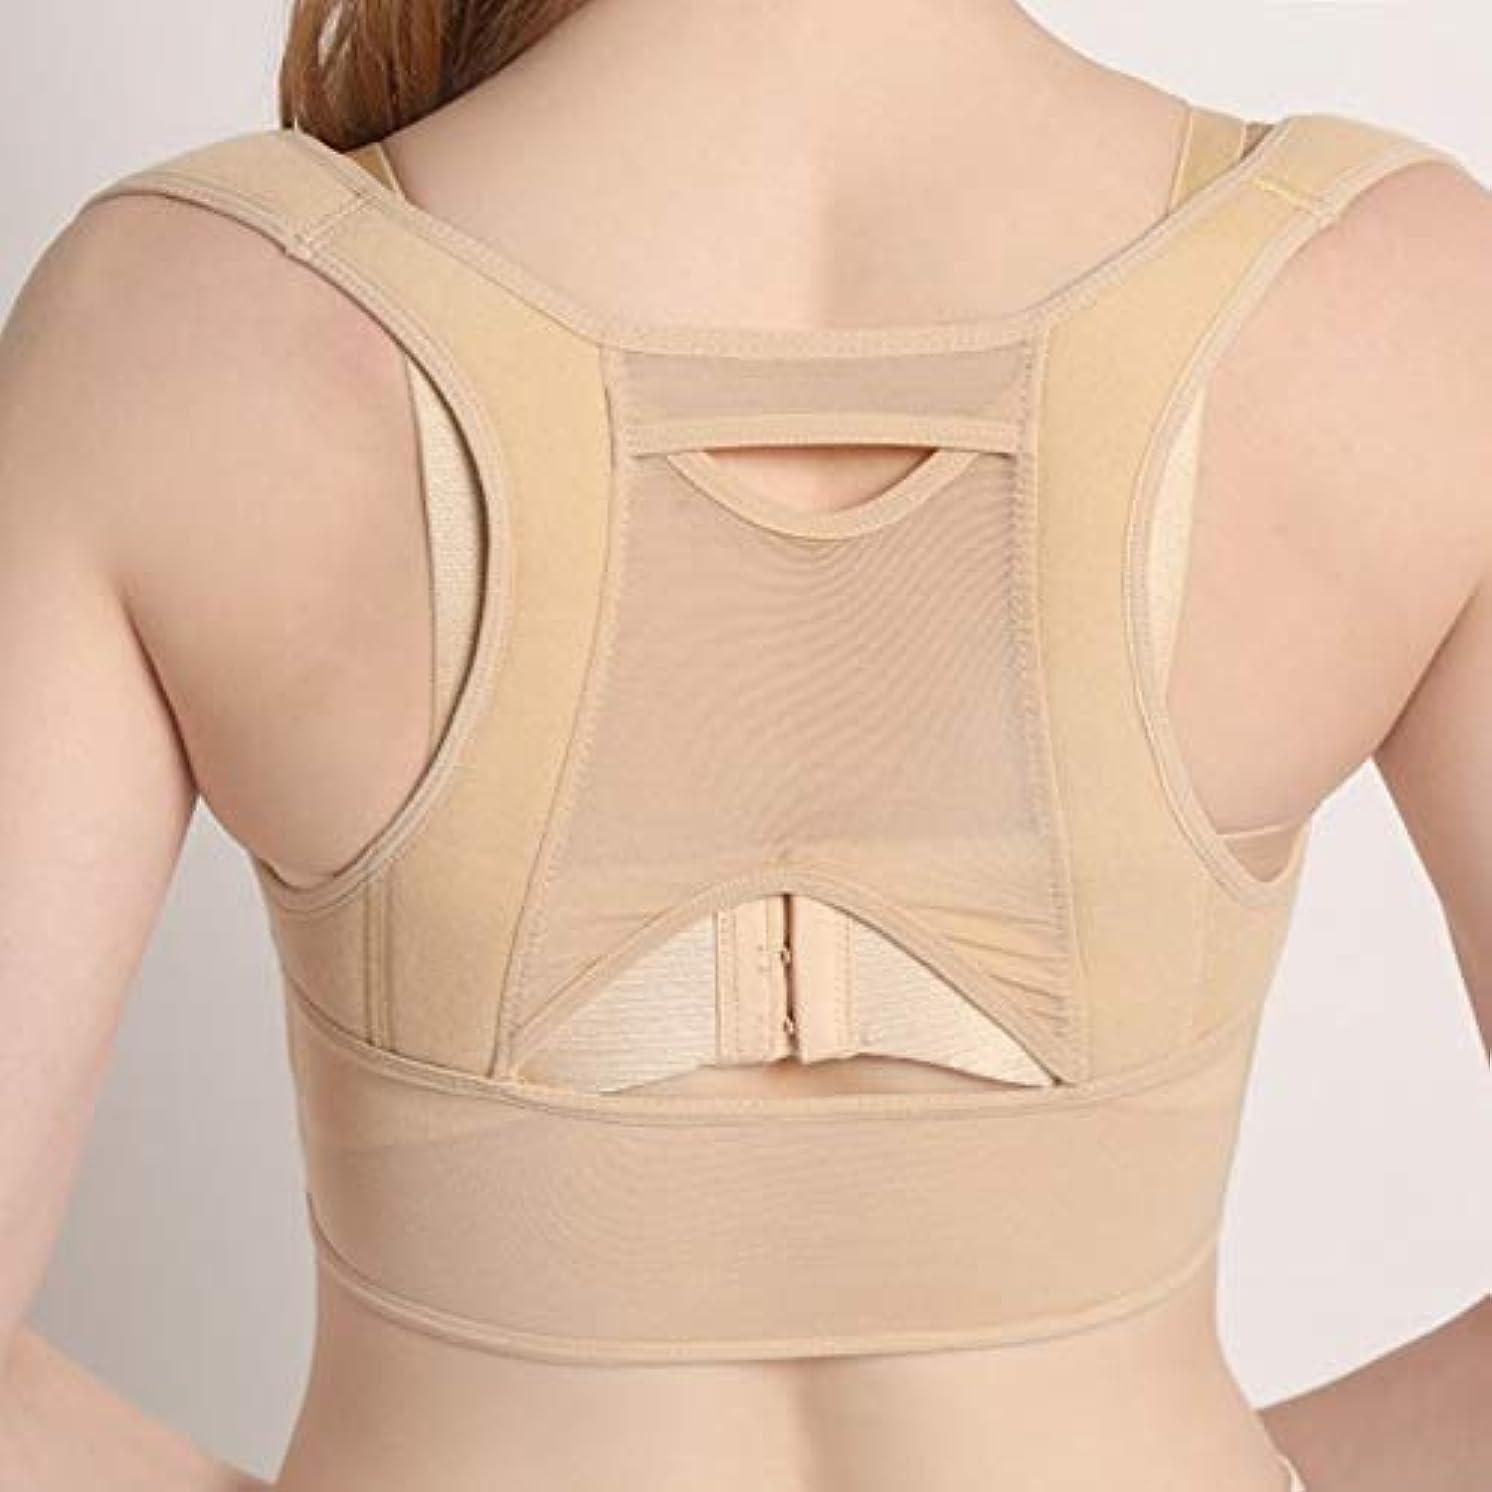 改修グローブビート通気性のある女性の背中の姿勢矯正コルセット整形外科の背中の肩の背骨の姿勢矯正腰椎サポート - ベージュホワイトL